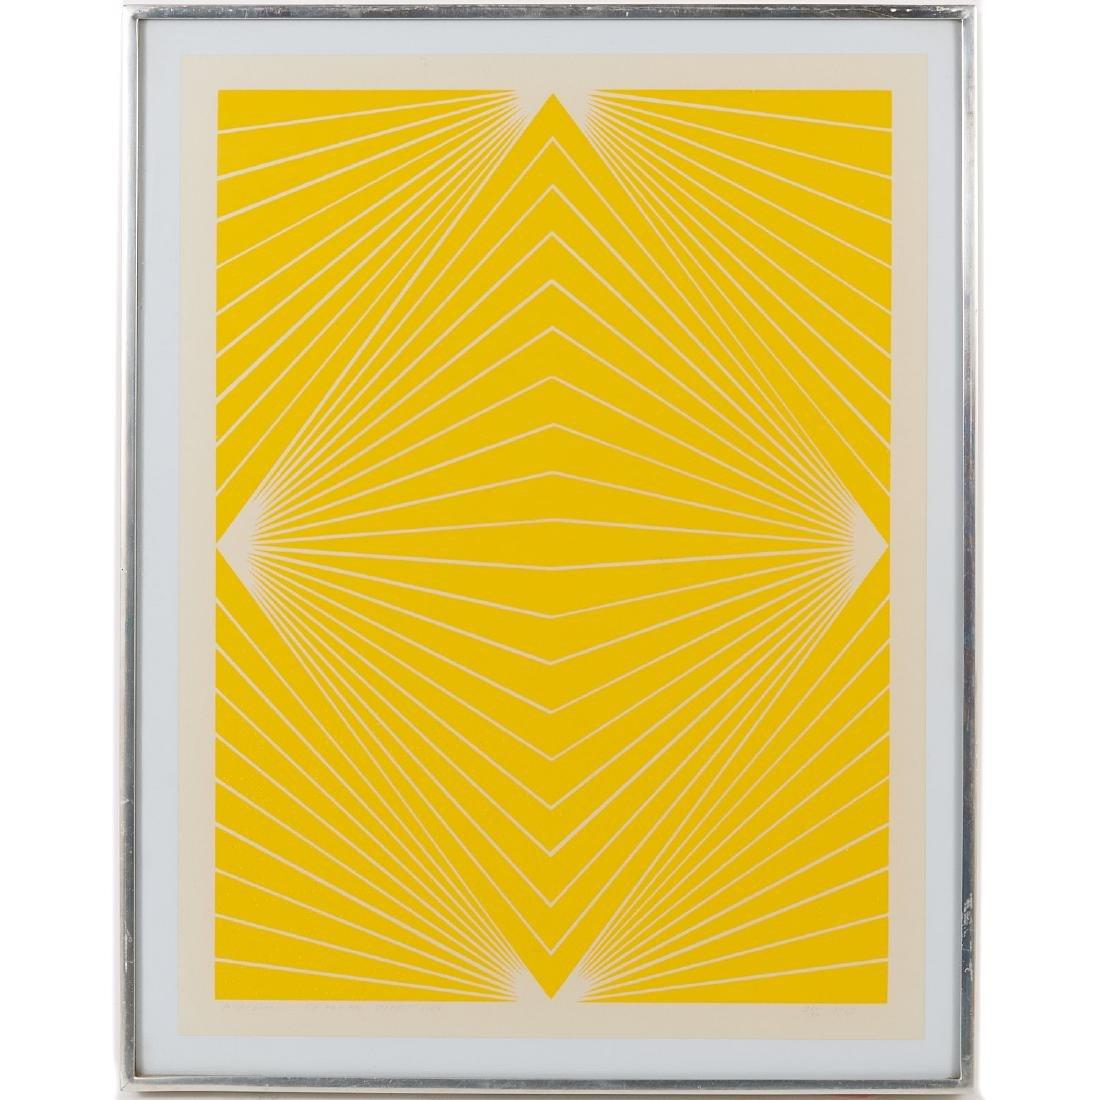 Richard Anuszkiewicz, print